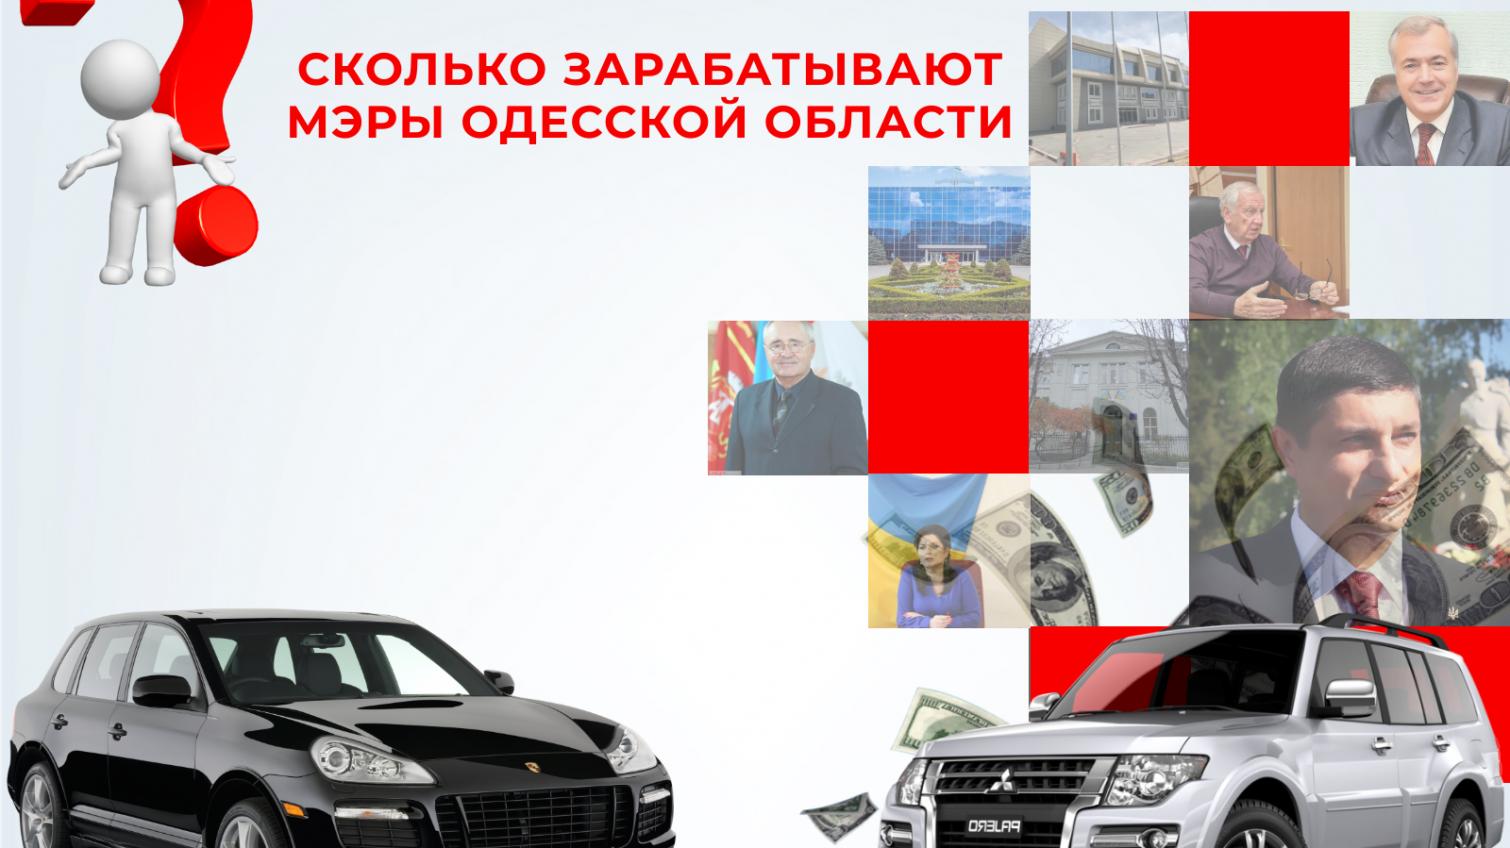 Одесская область: сколько зарабатывают мэры крупных городов «фото»